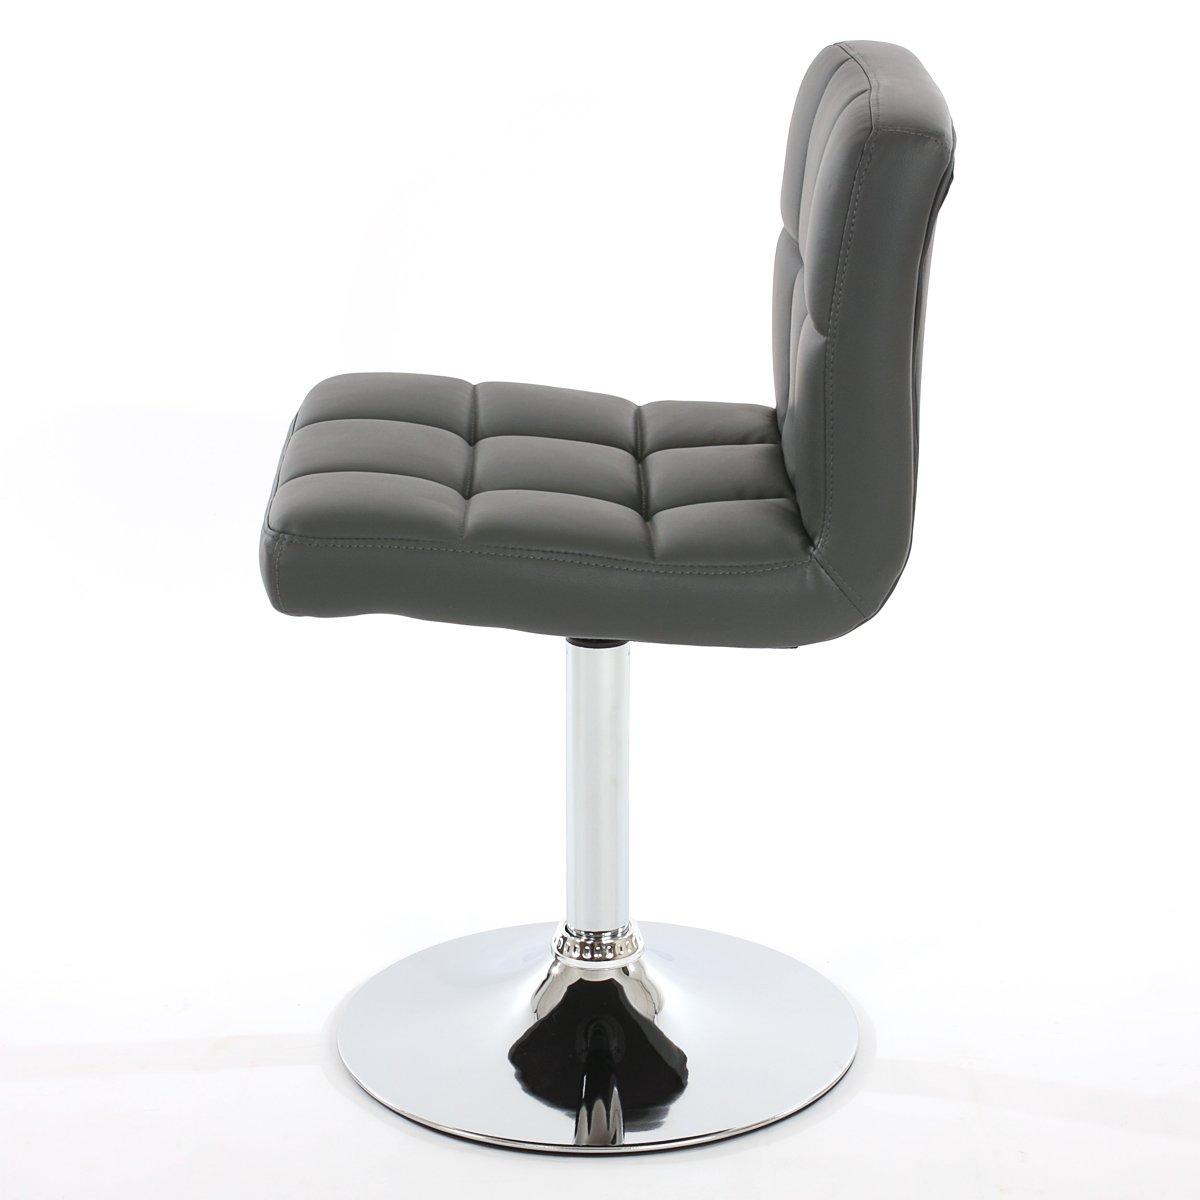 Conjunto de 6 sillas de cocina genova grises conjunto 6 for Sillas de comedor grises